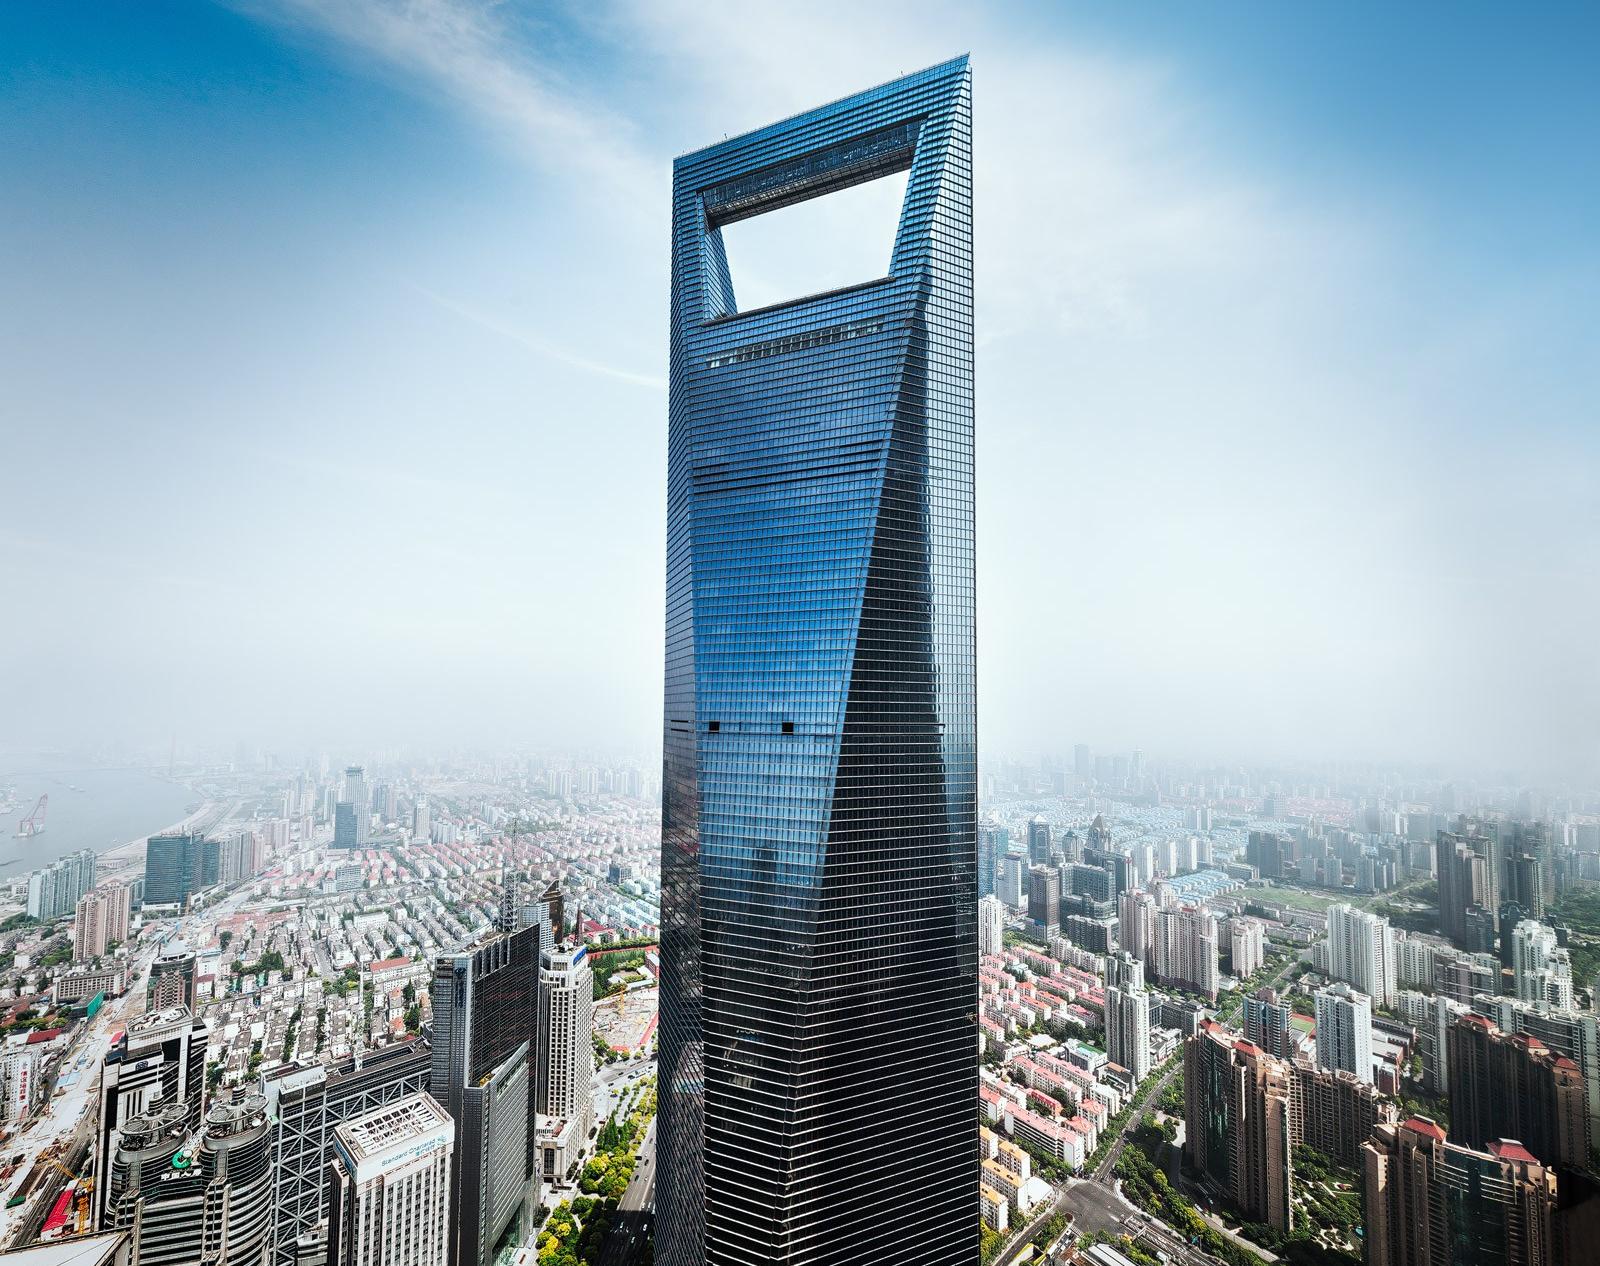 Ini Dia 7 Gedung Pencakar Langit Paling Terkenal Di Dunia